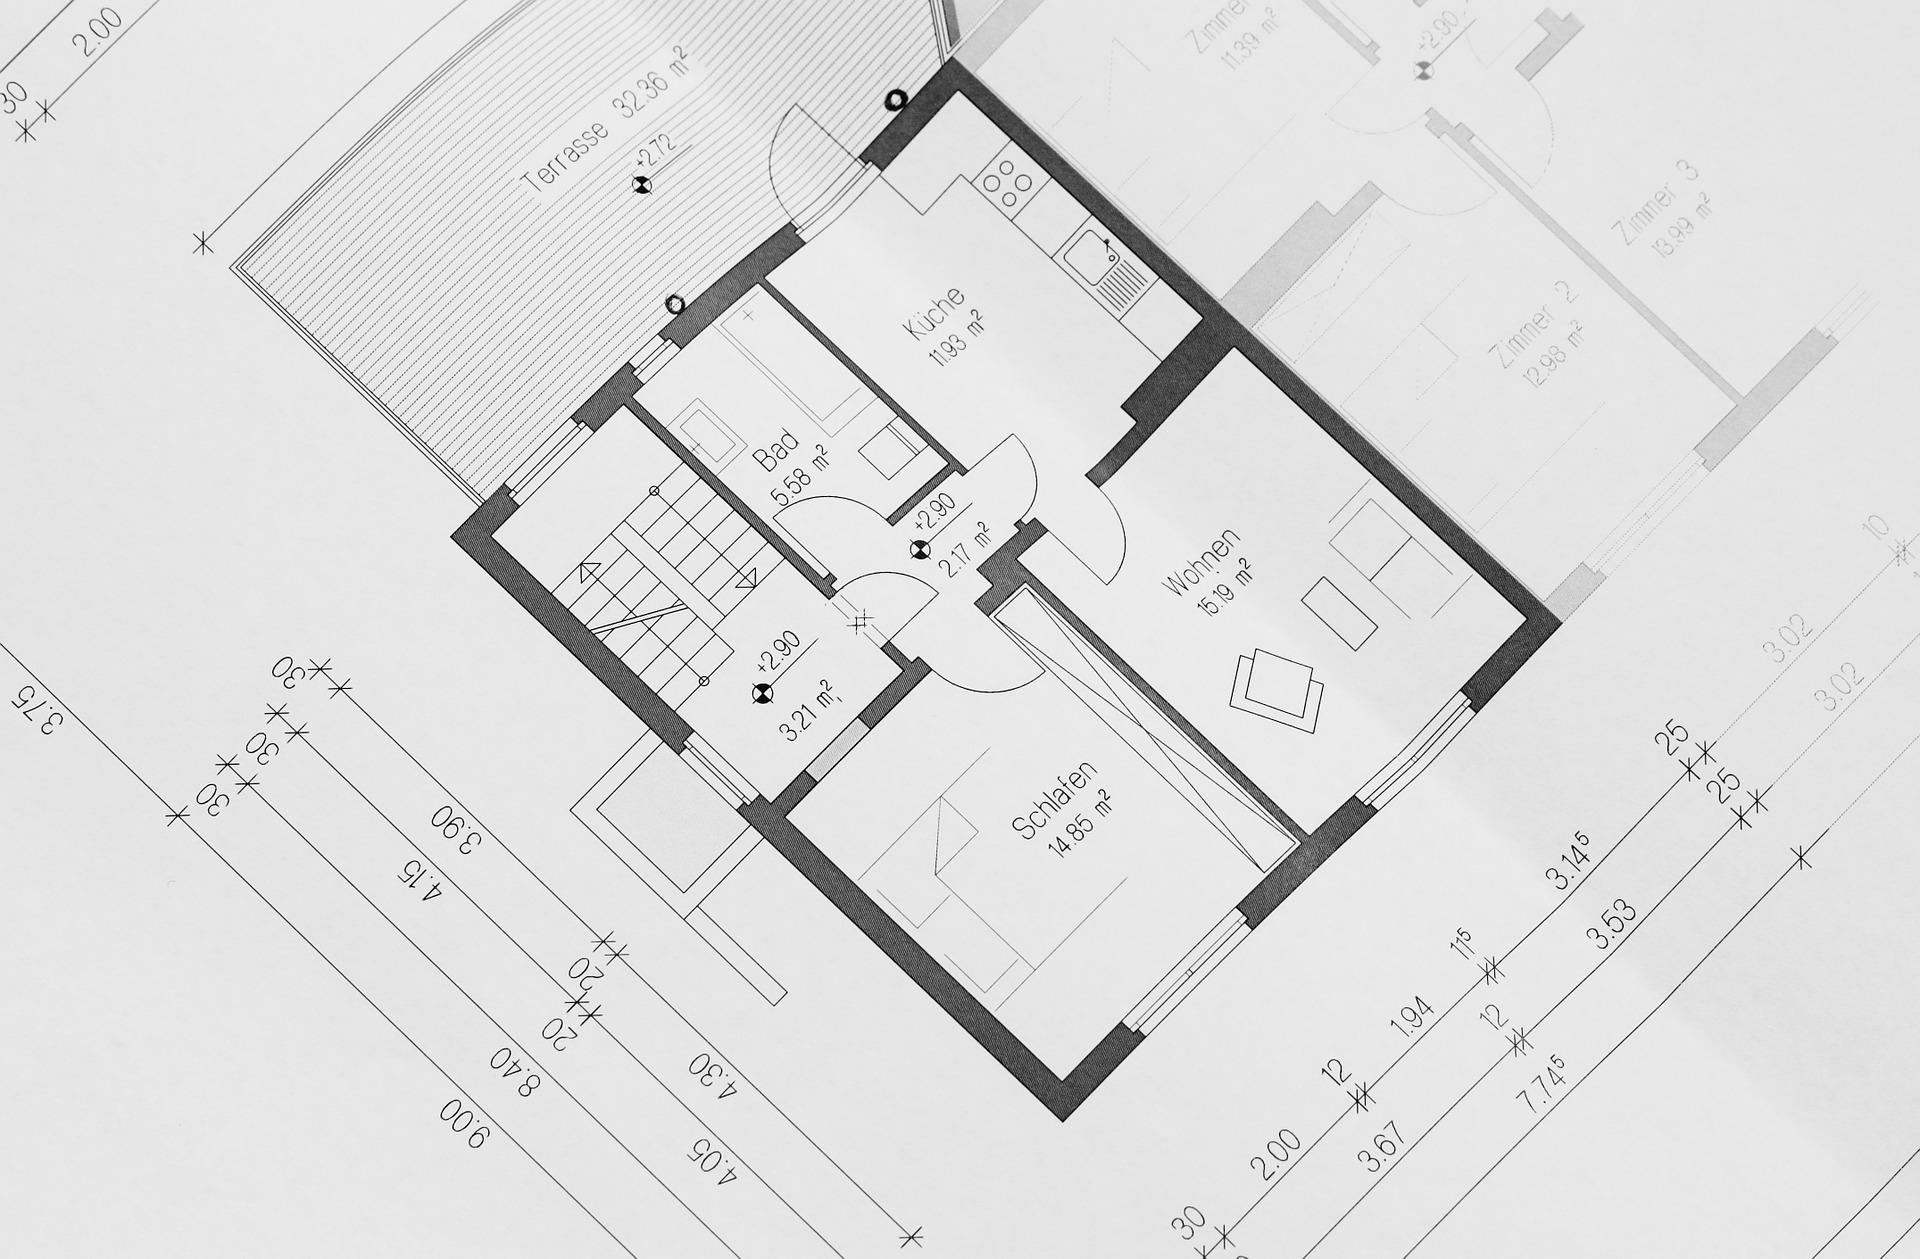 Tipps zum Umzug in eine kleinere Wohnung auf ratgeber-blogger.de